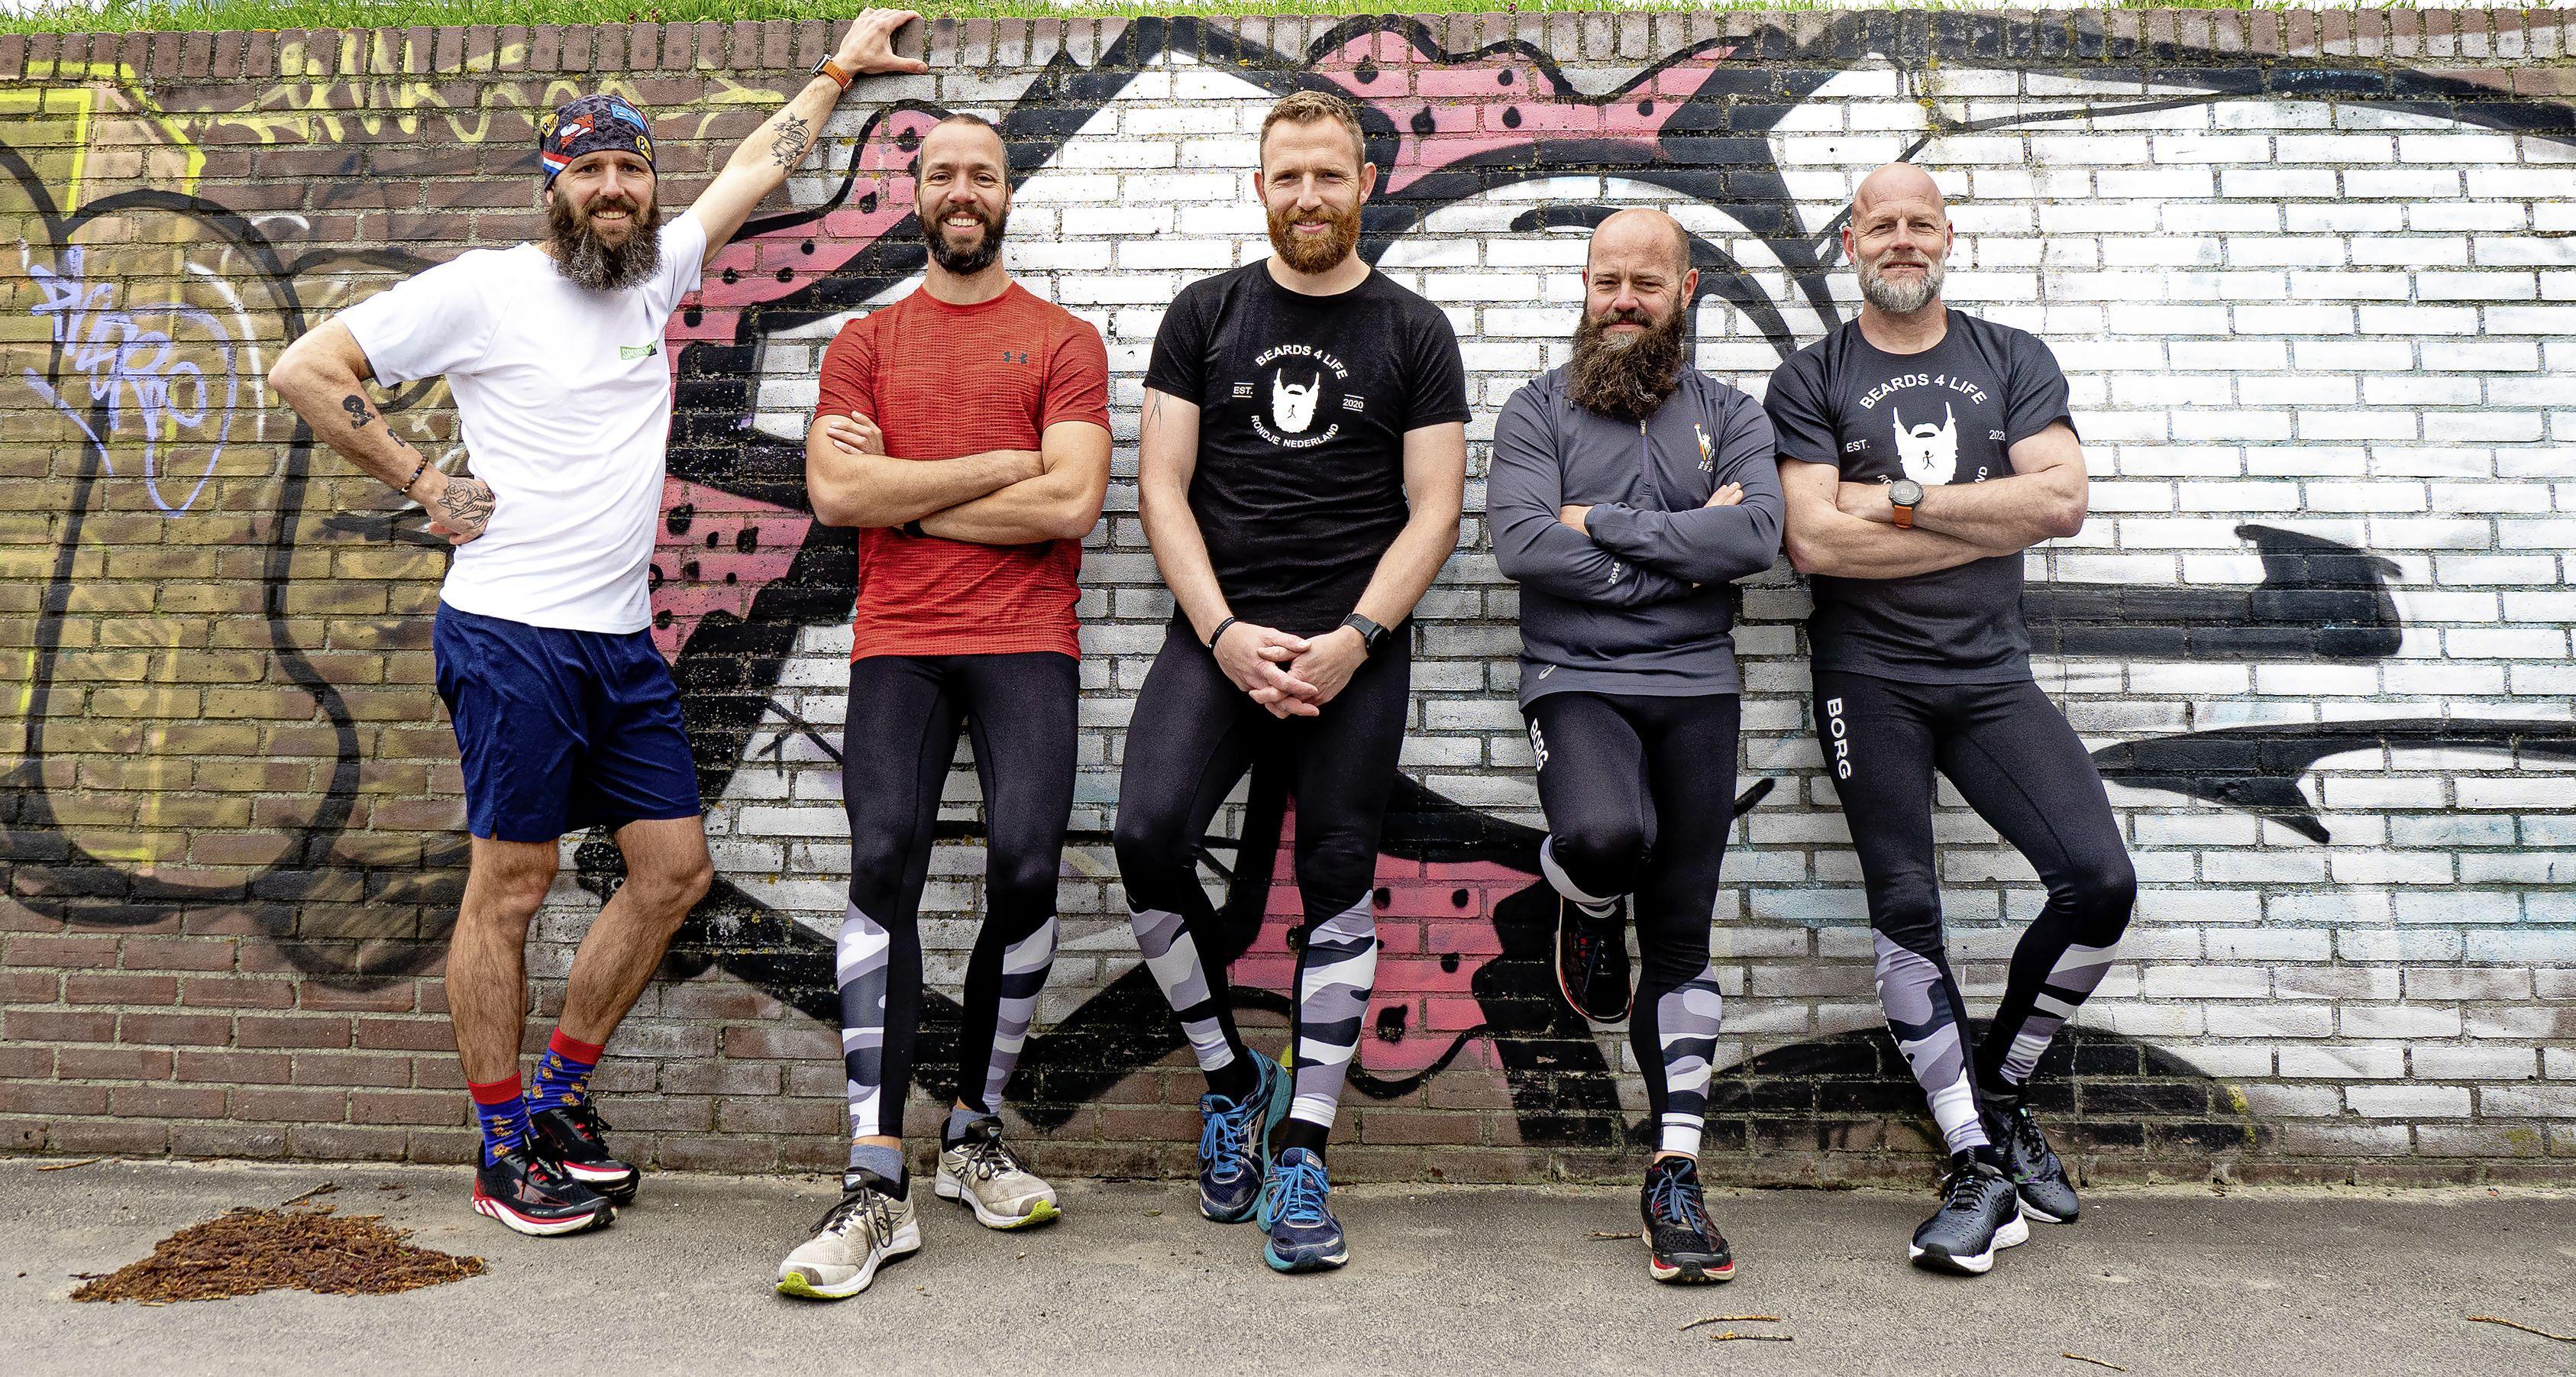 Deze vijf mannen met woeste baarden rennen en fietsen Nederland rond voor het goede doel. 'Het gaat een enorme opgave worden'